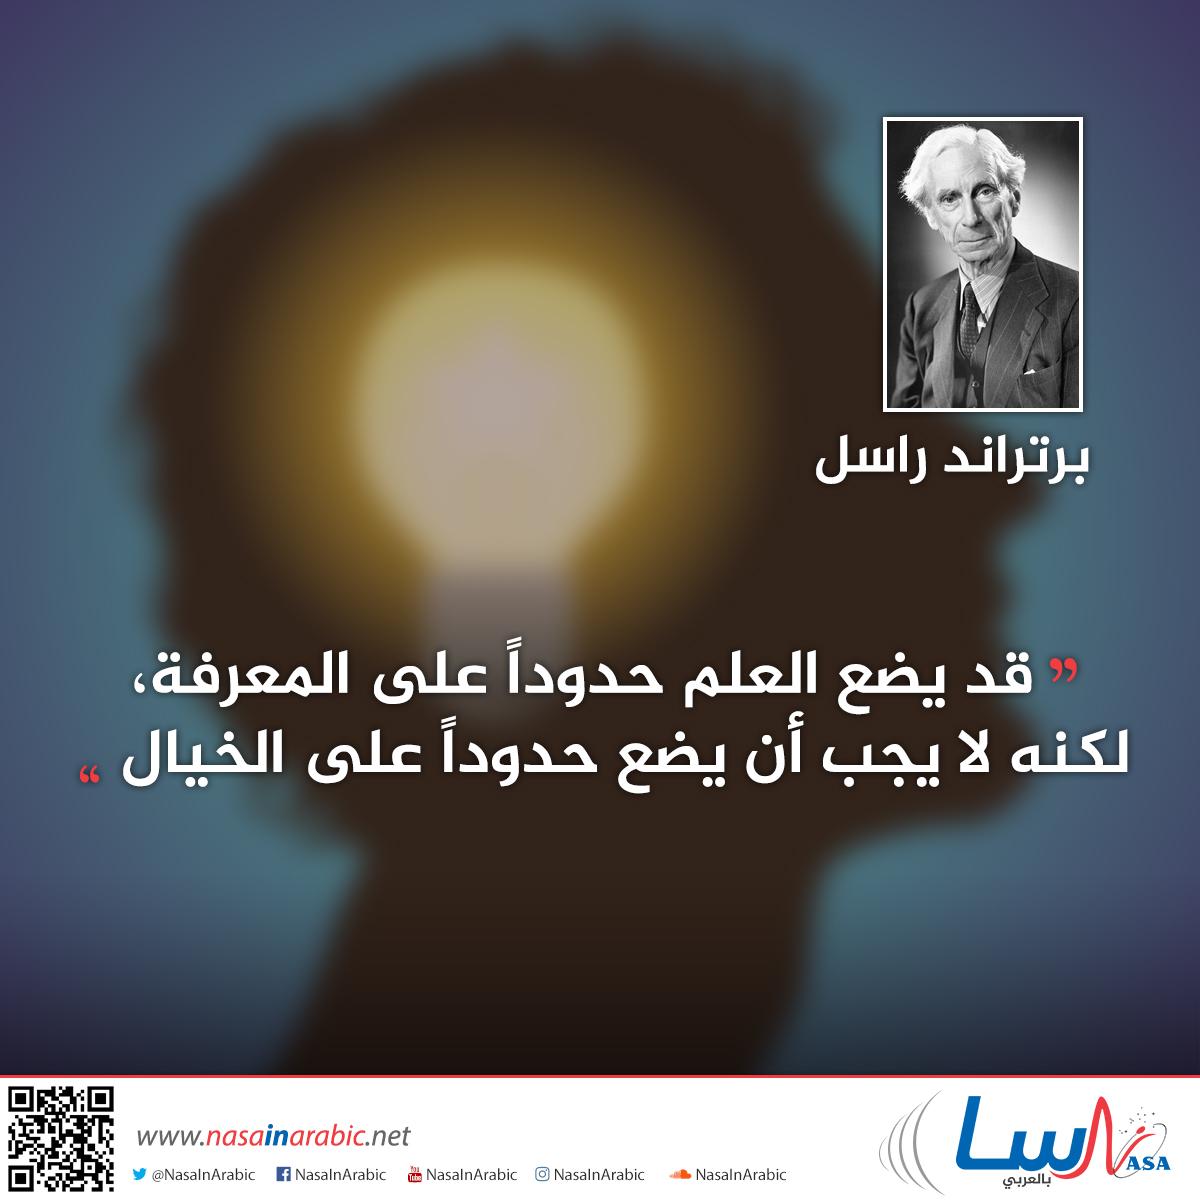 العلم والمعرفة والخيال